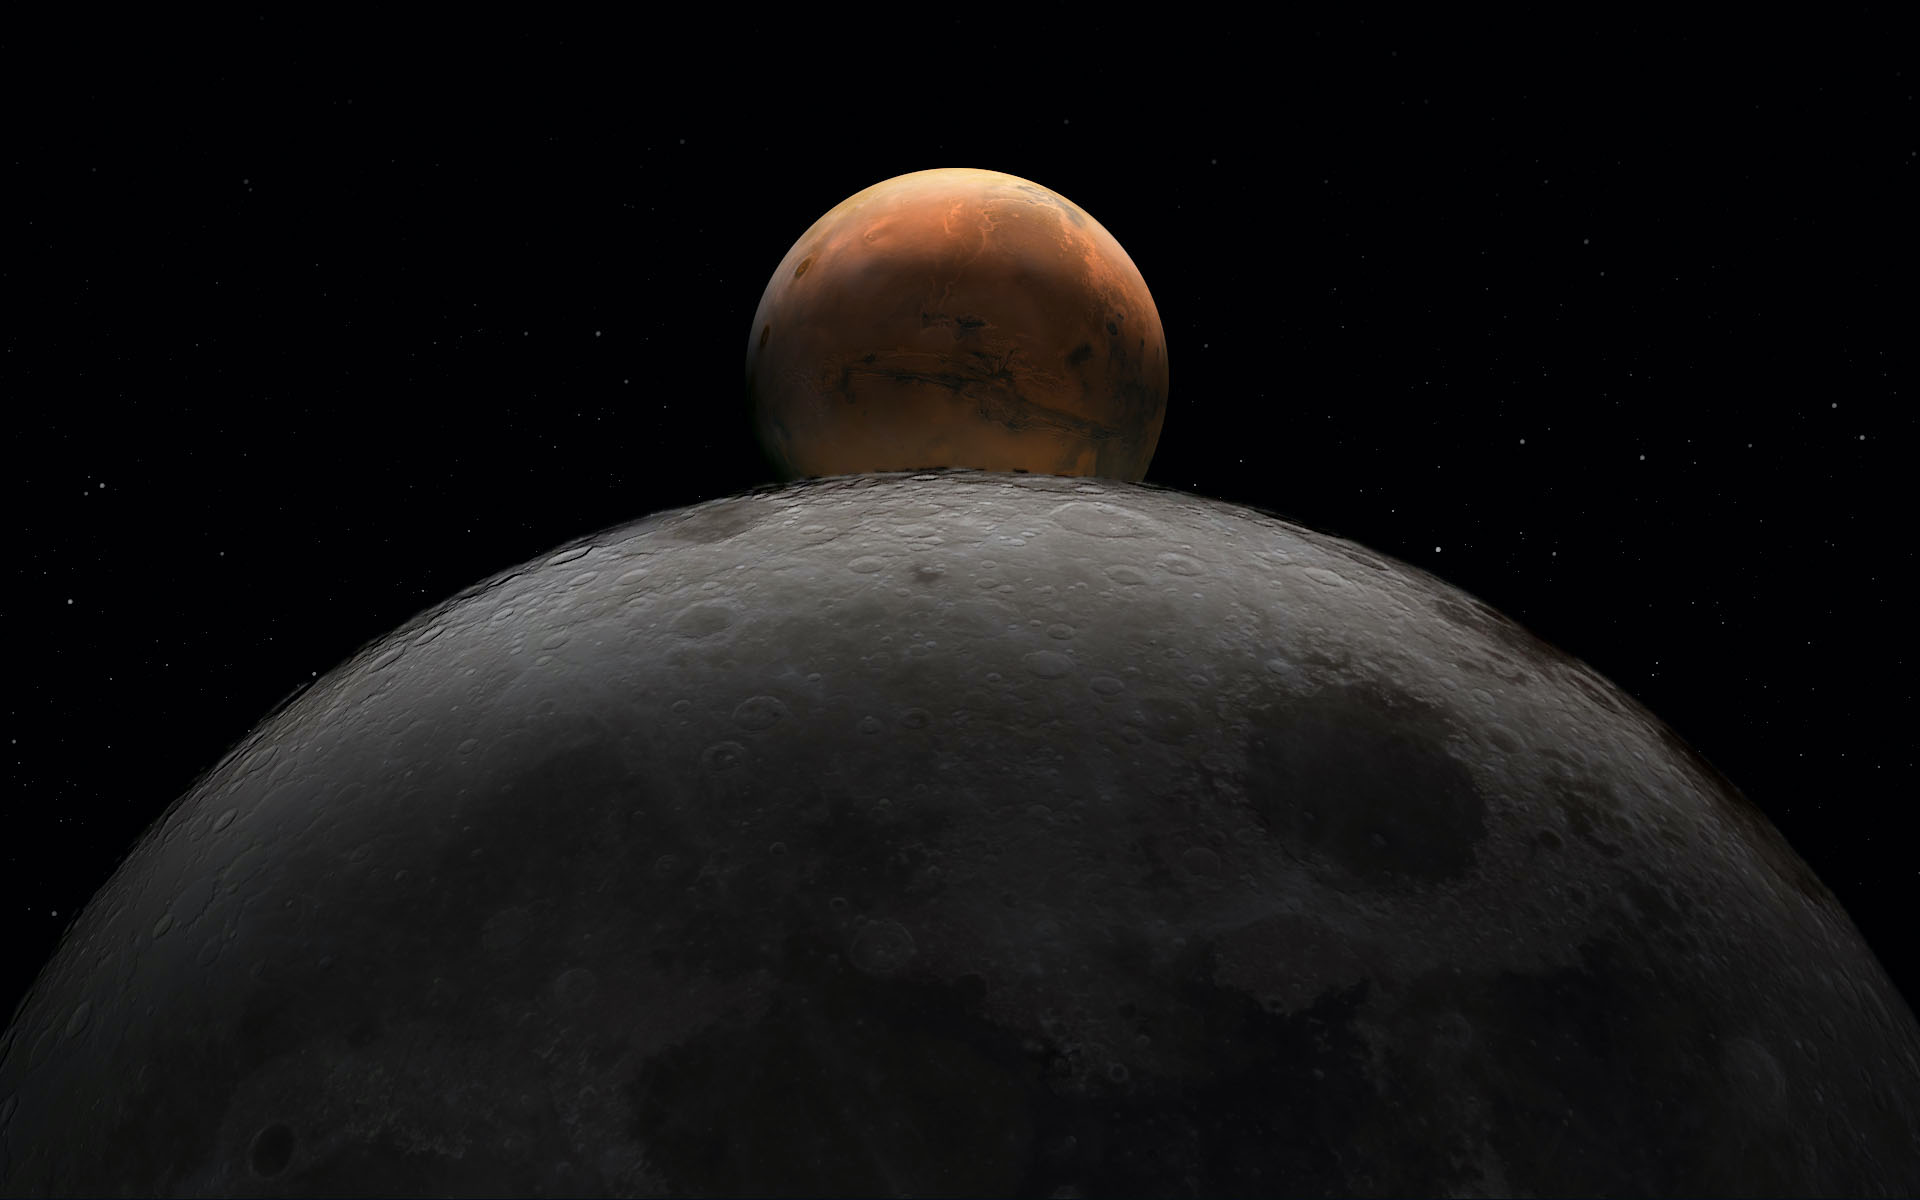 Durante dos días la Luna se deslizará entre Marte, Júpiter y Saturno